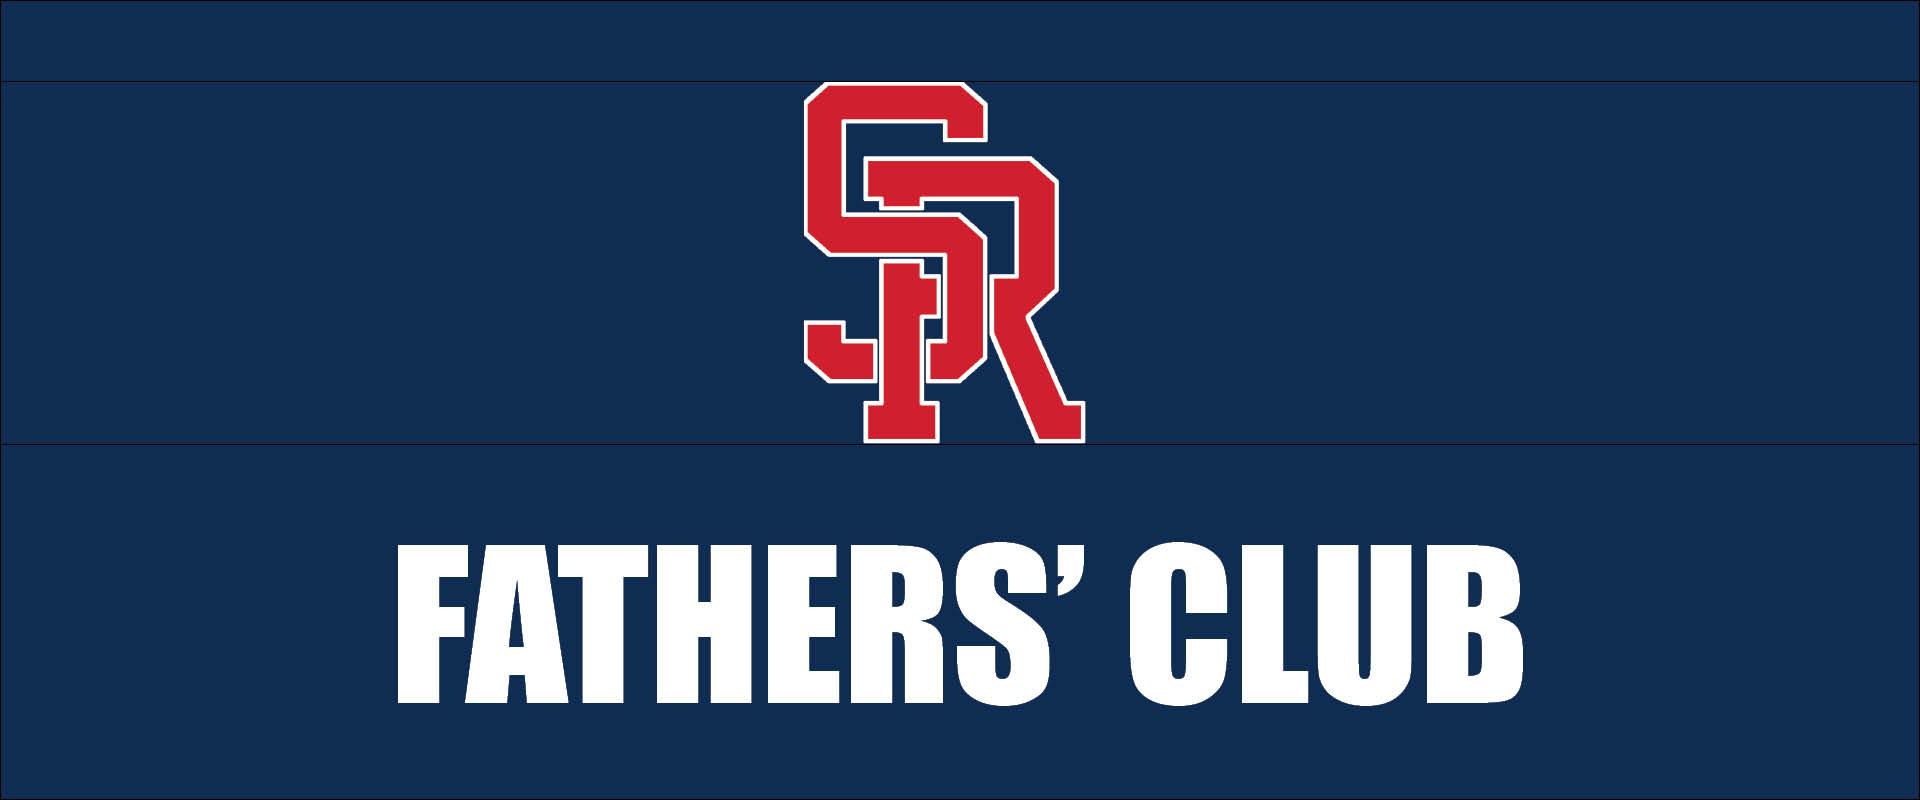 St. Rita Fathers Club.jpg